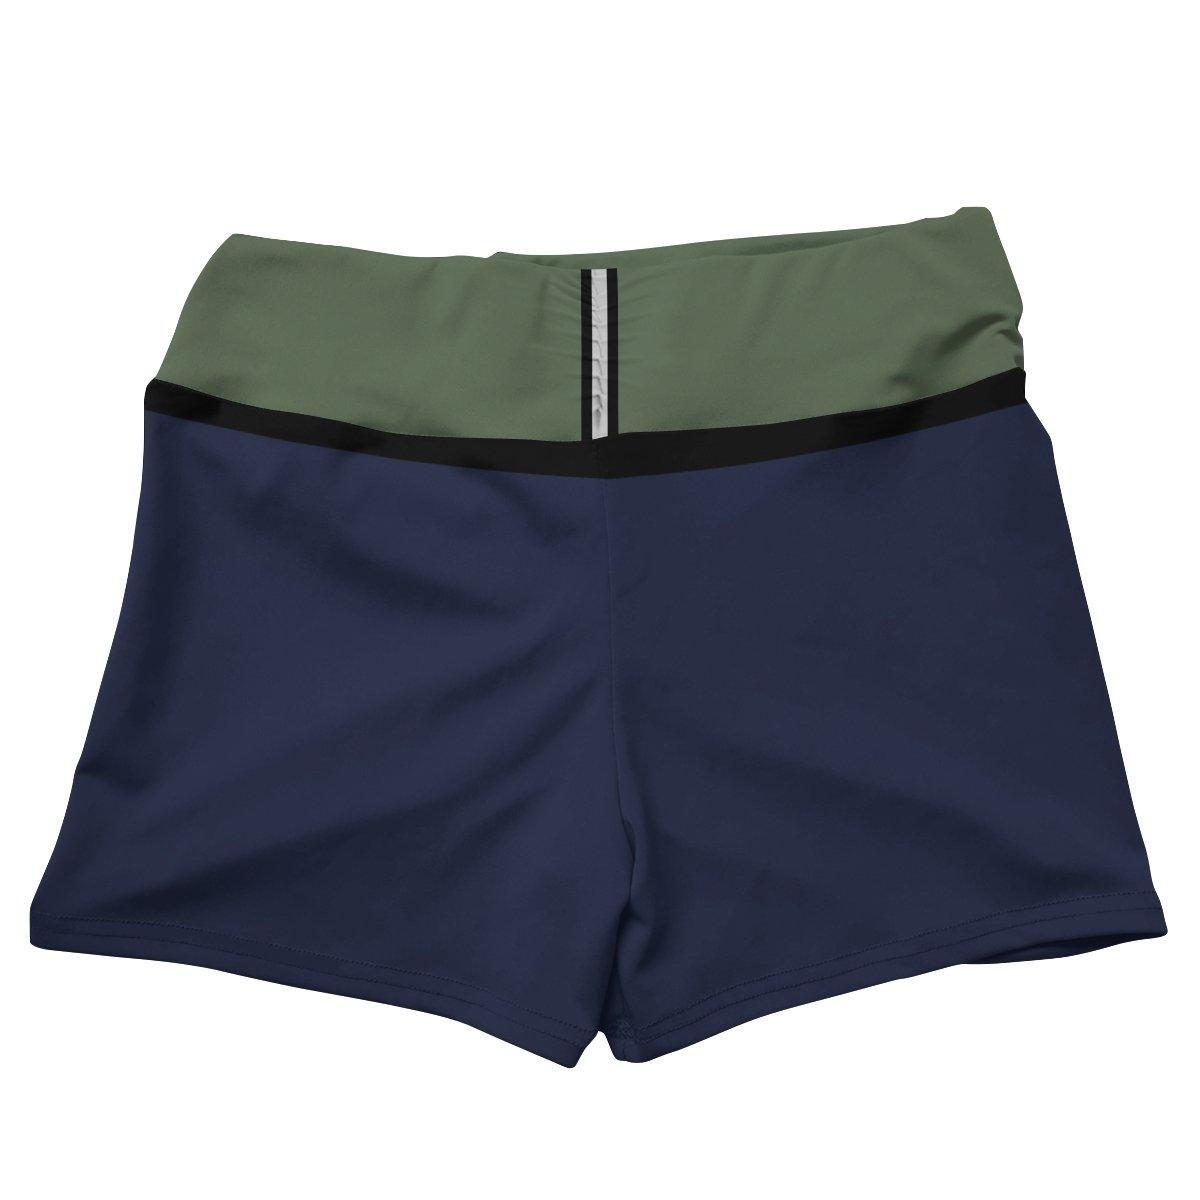 kakashi active wear set 944220 - Anime Swimsuits